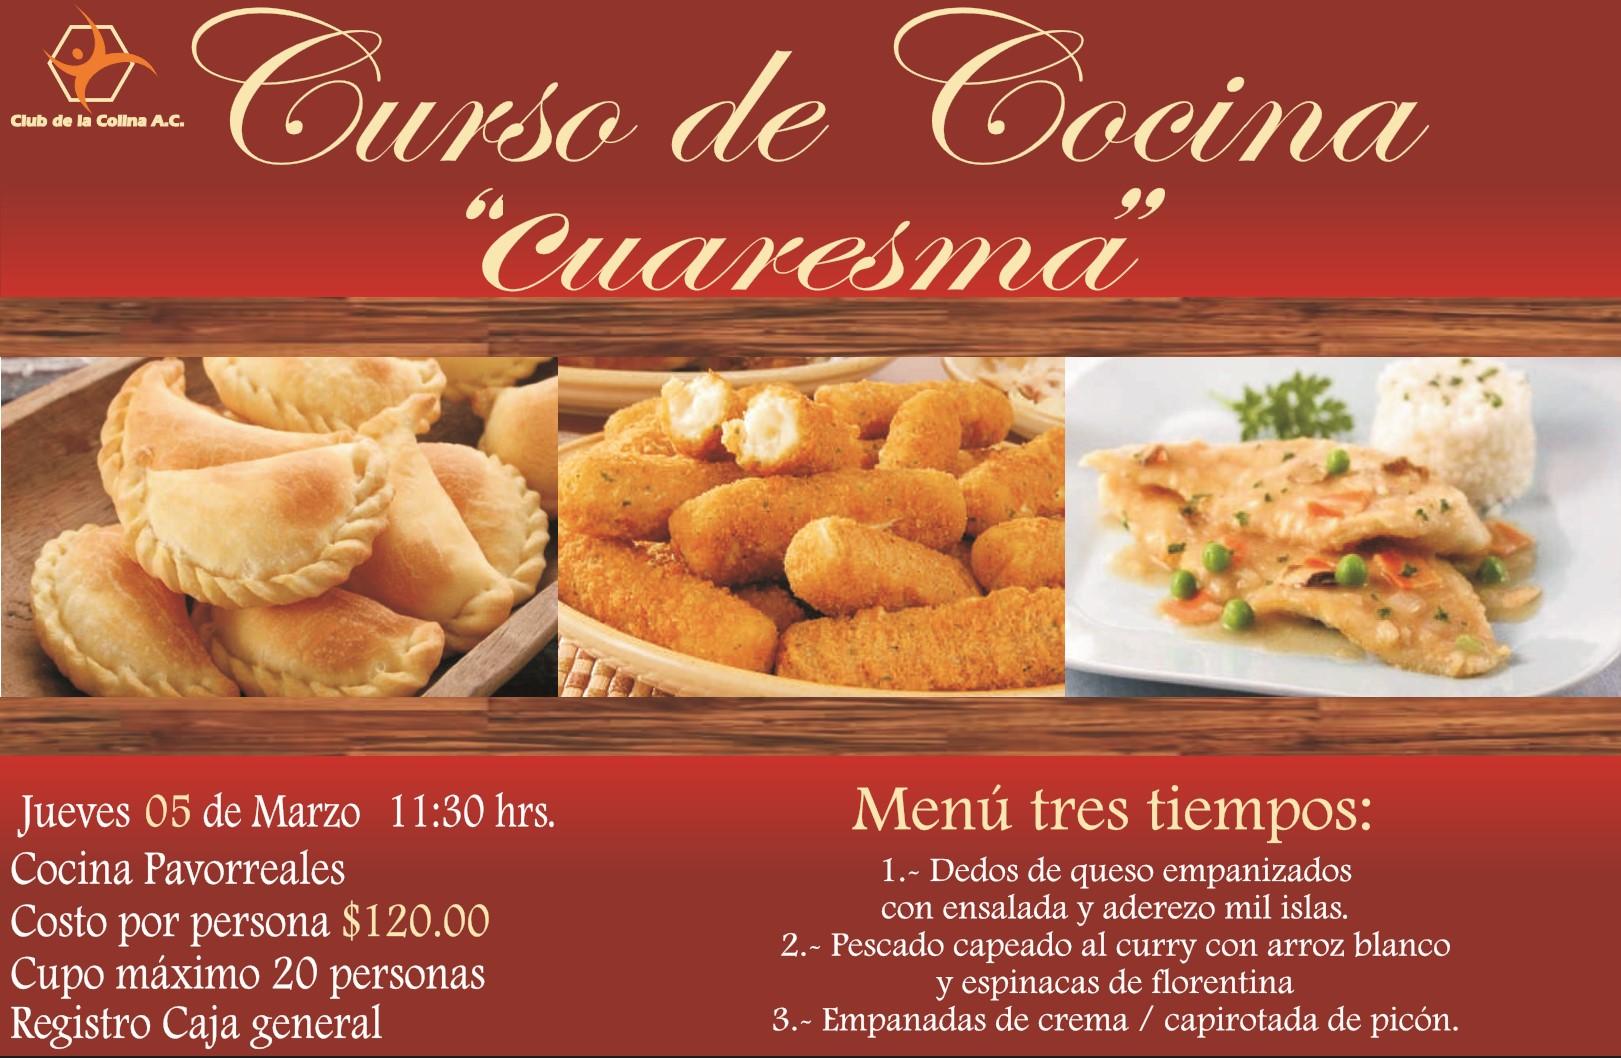 Curso de cocina cuaresma club de la colina - Cursos de cocina sabadell ...